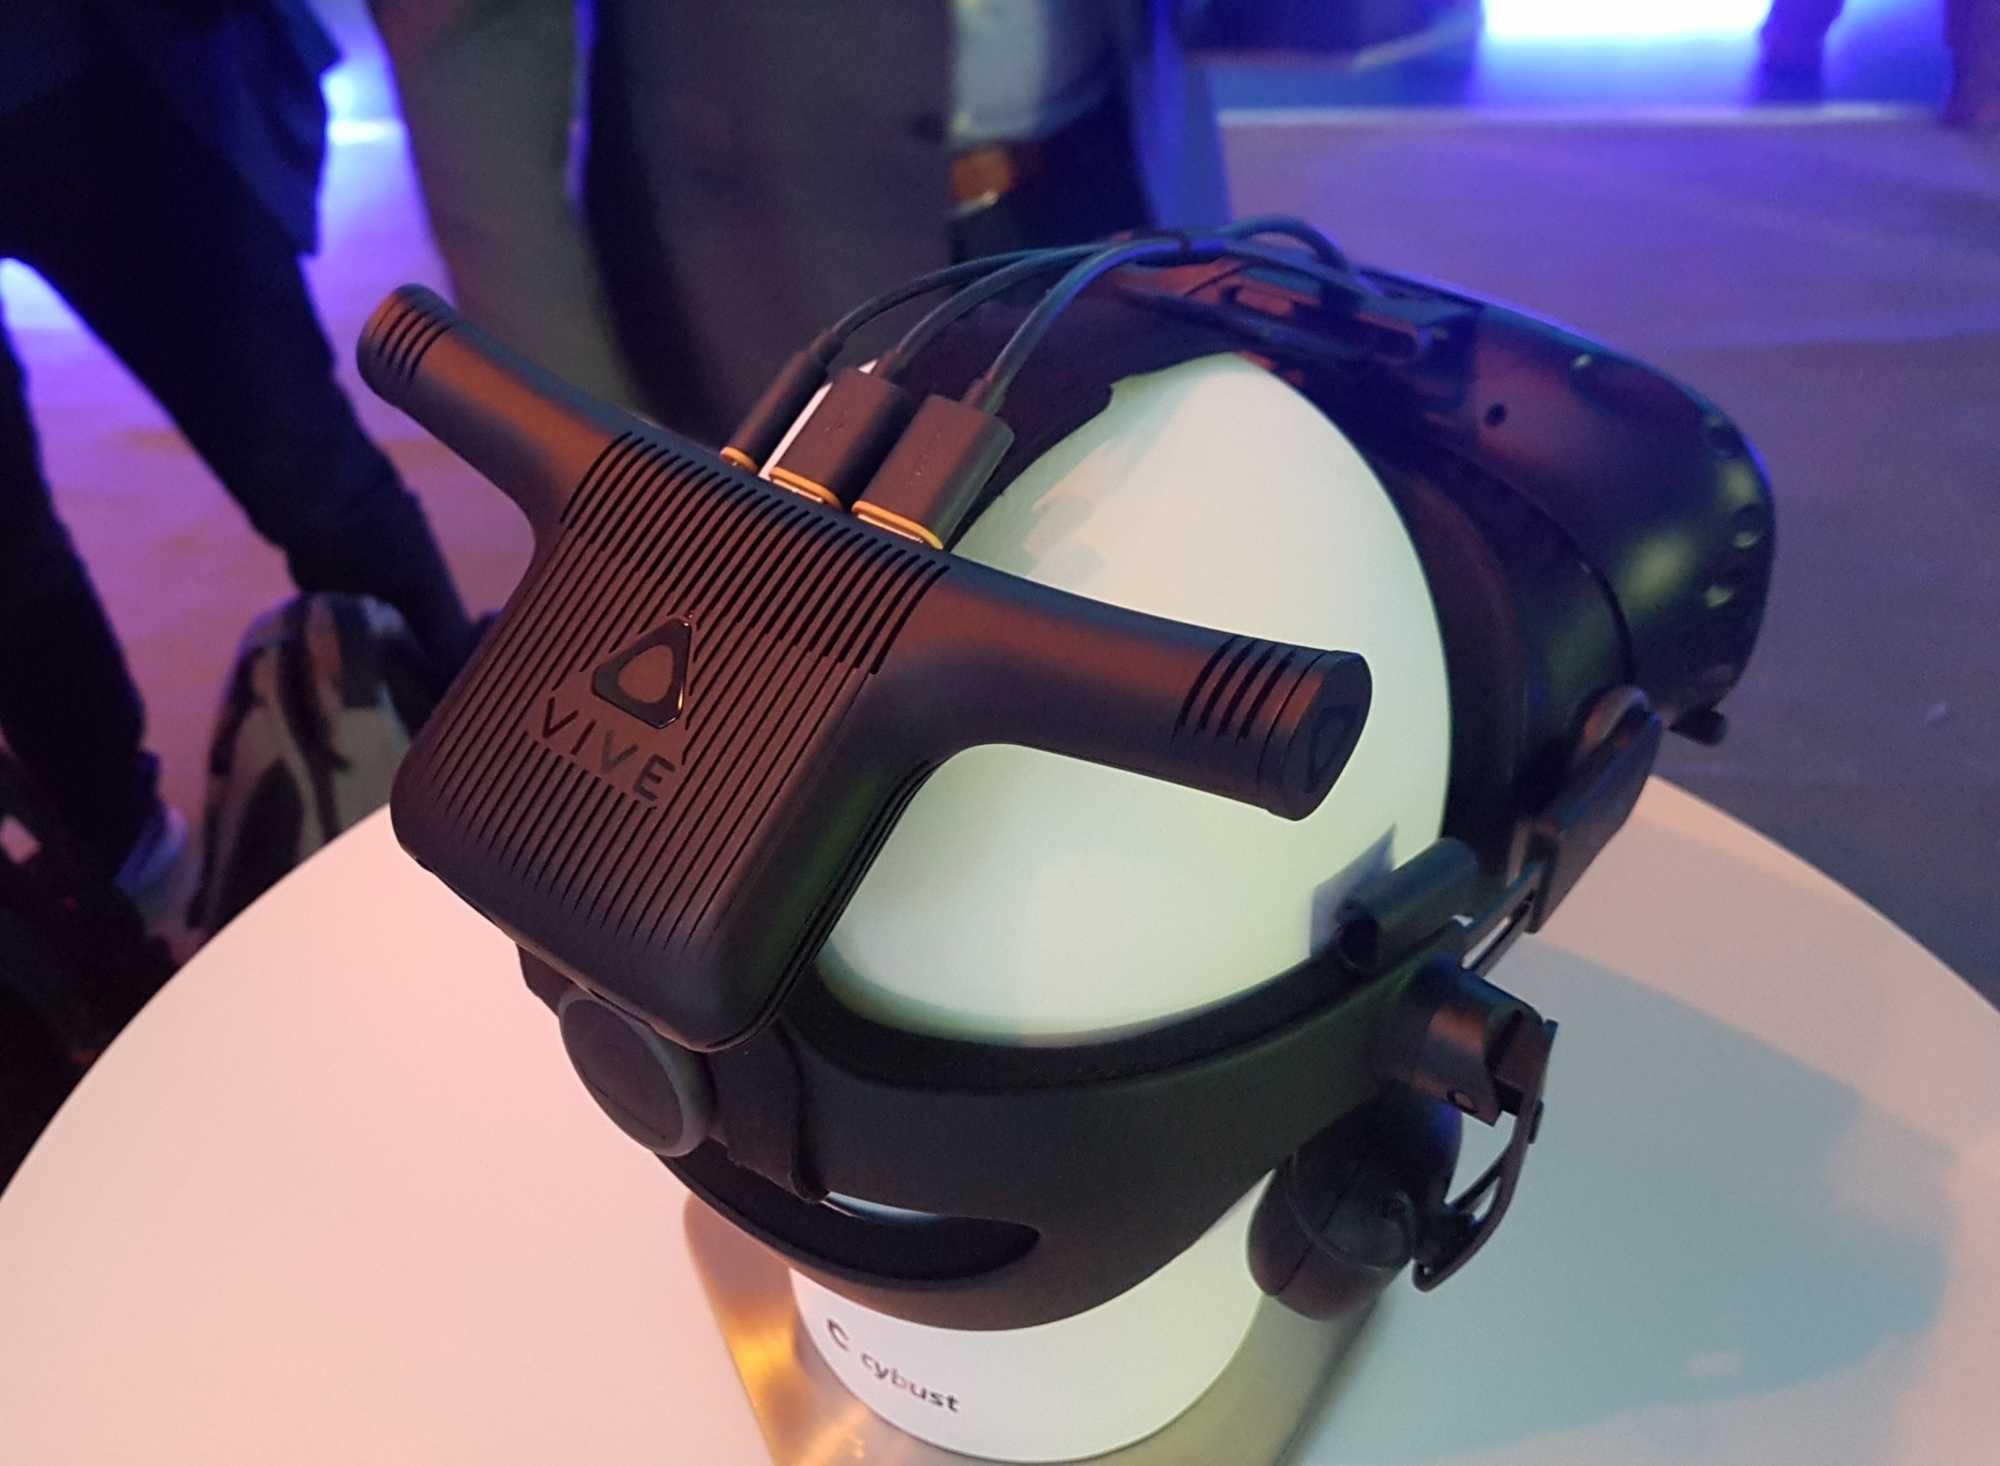 Für Sommer angekündigt: Ein mit der Vive Pro kompatibler Drahtlos-Adapter mit WiGig-Technik.